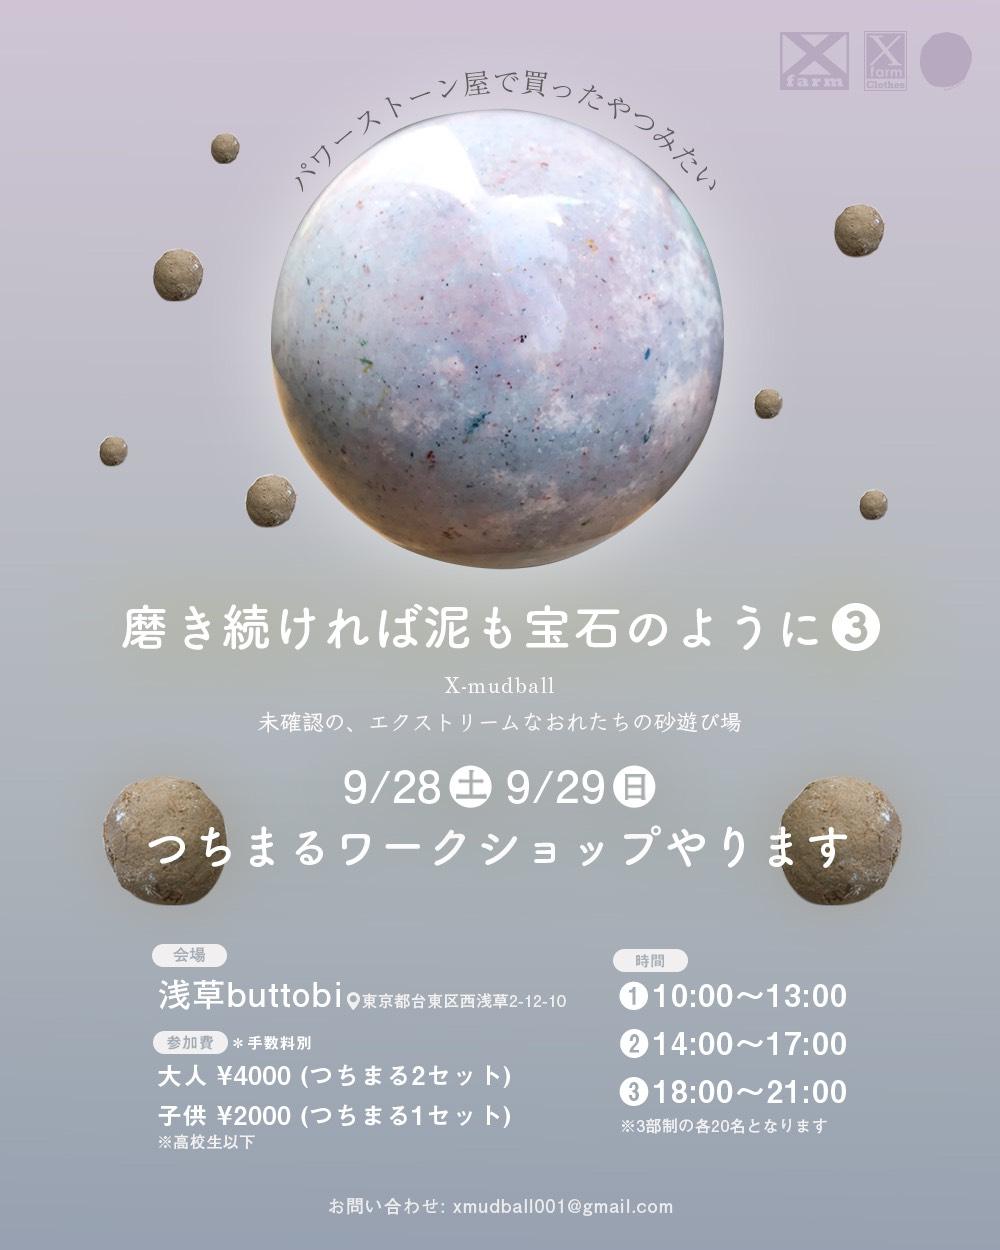 つちまるワークショップ 9/29(日)-第1部-